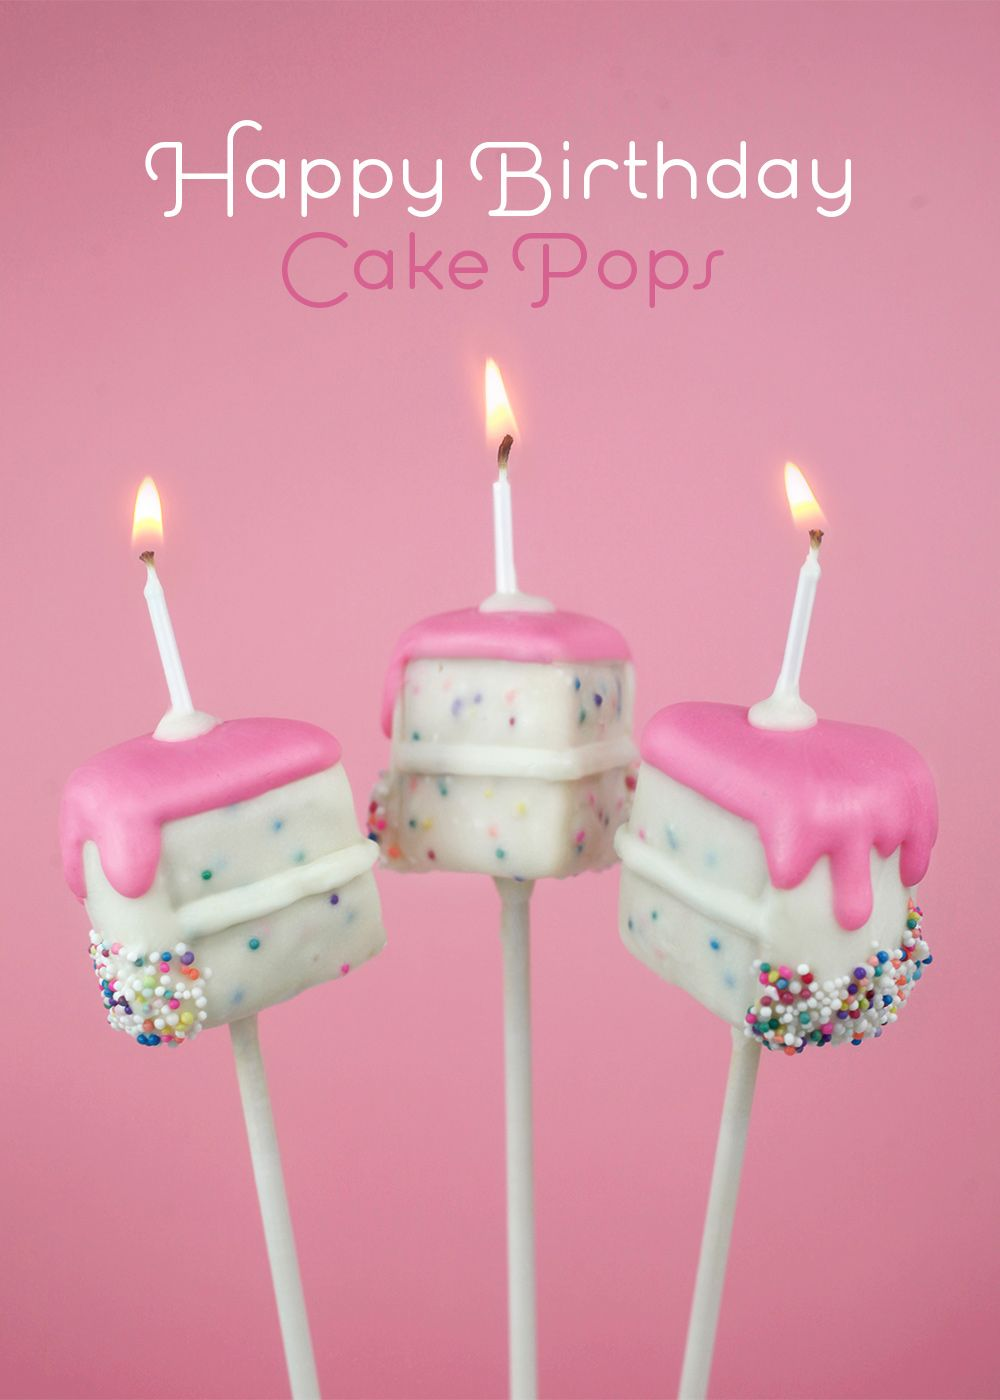 Tremendous Happy Birthday Cake Pops With Images Birthday Cake Pops Funny Birthday Cards Online Kookostrdamsfinfo